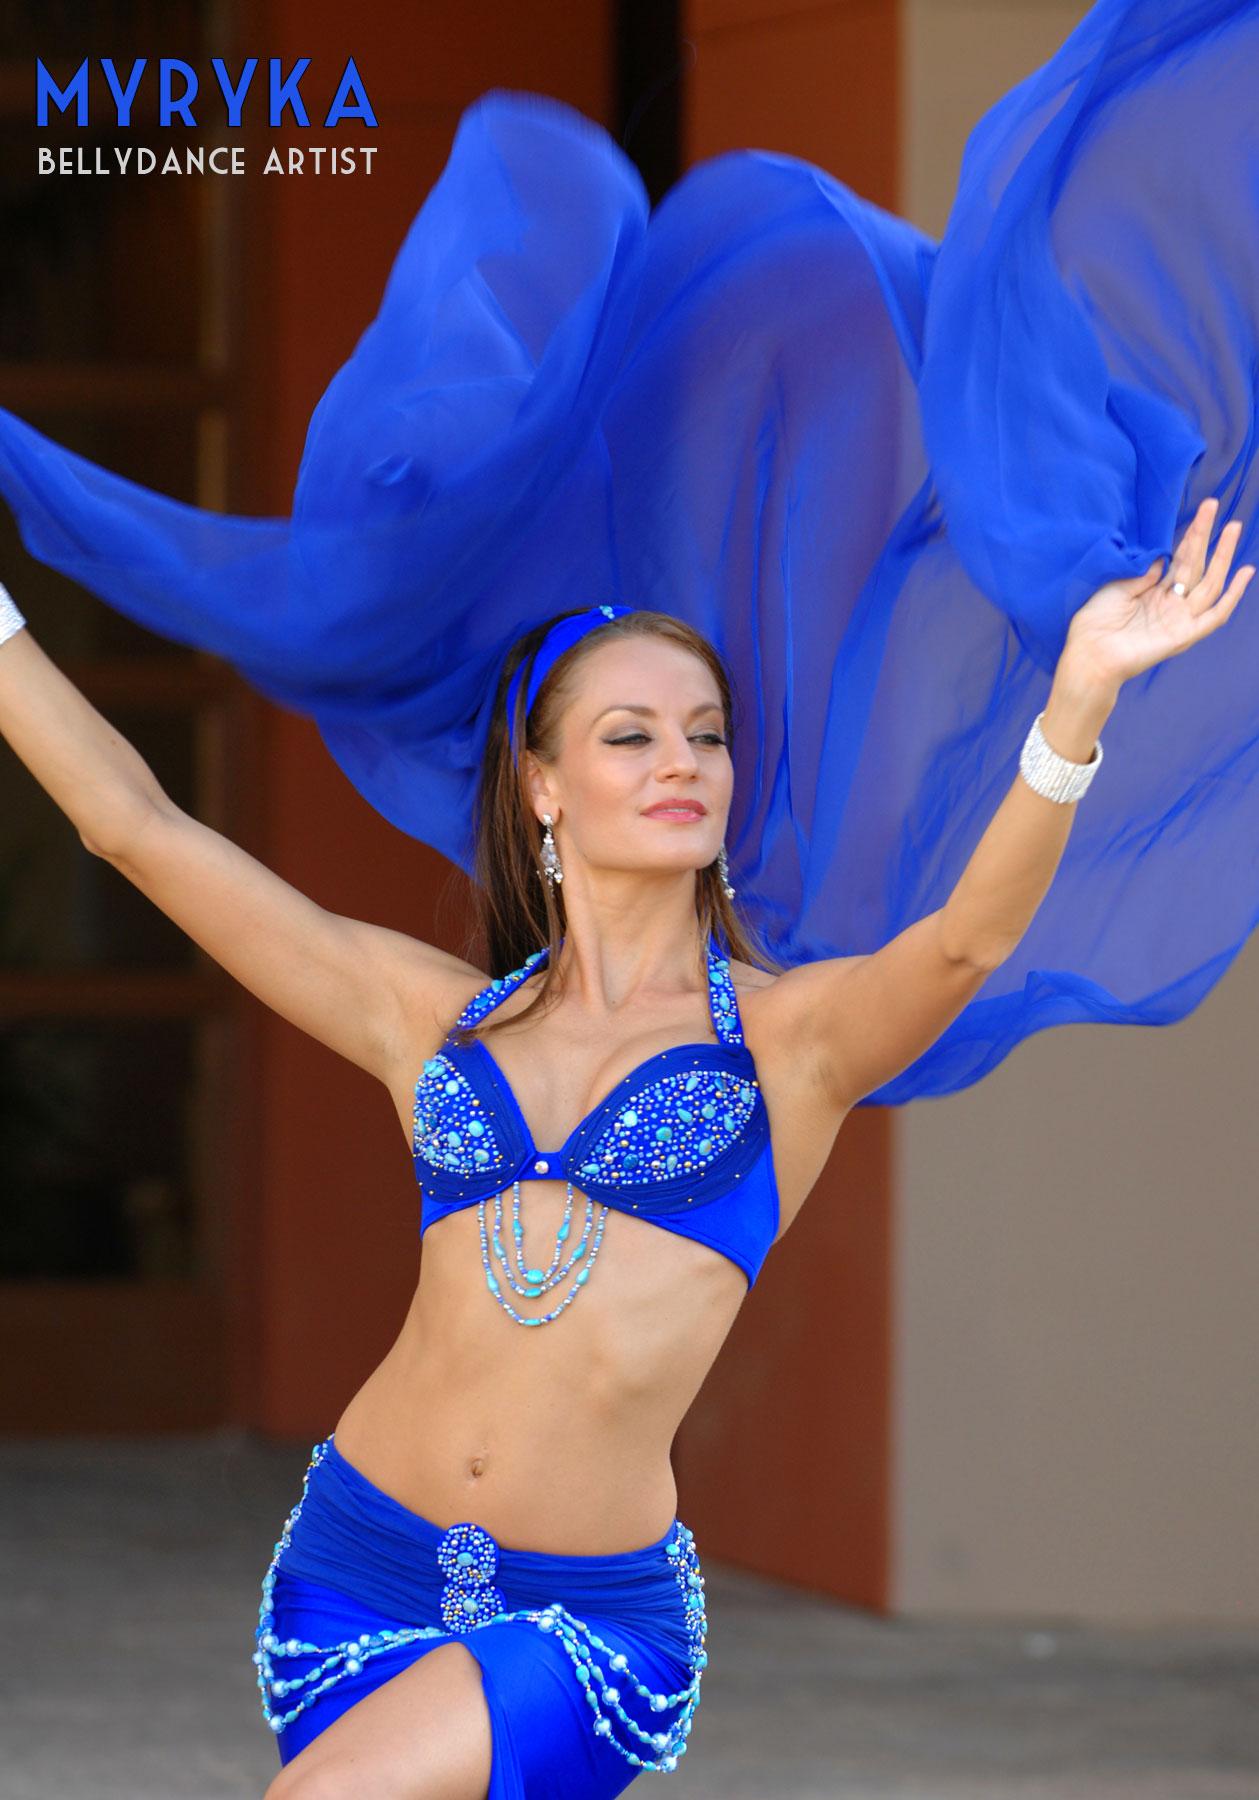 bluedancer.jpg